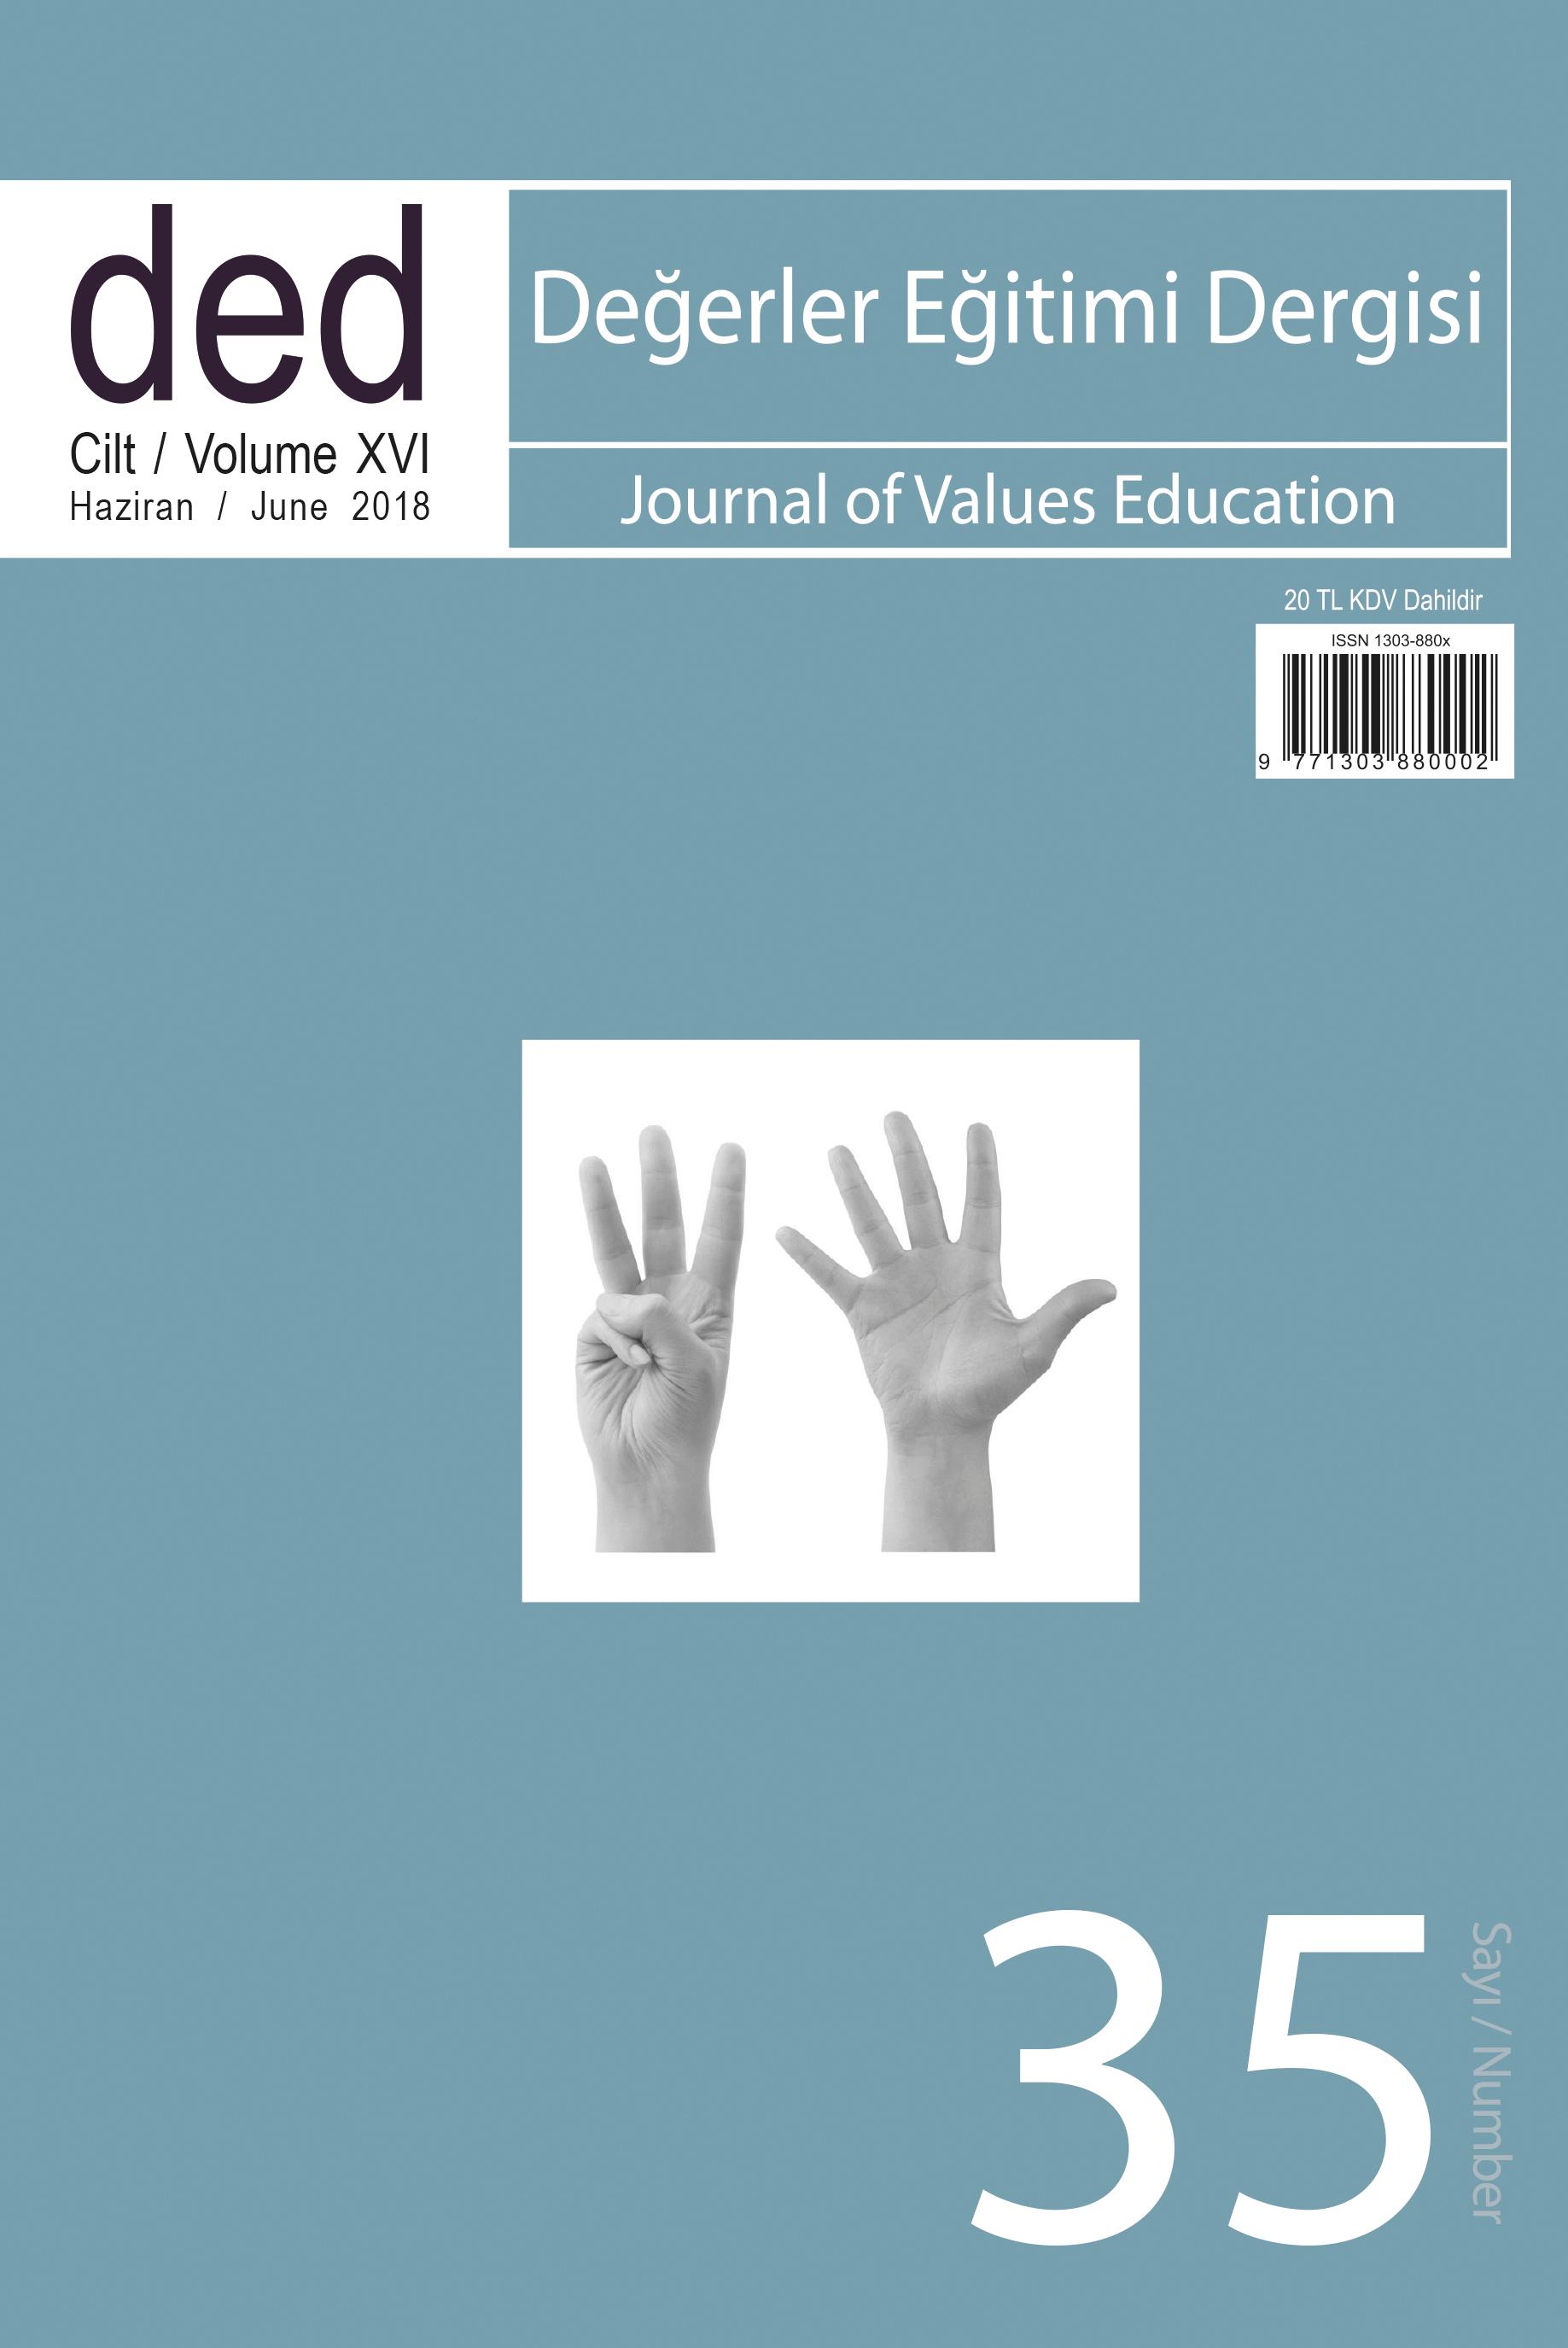 Değerler sistemi